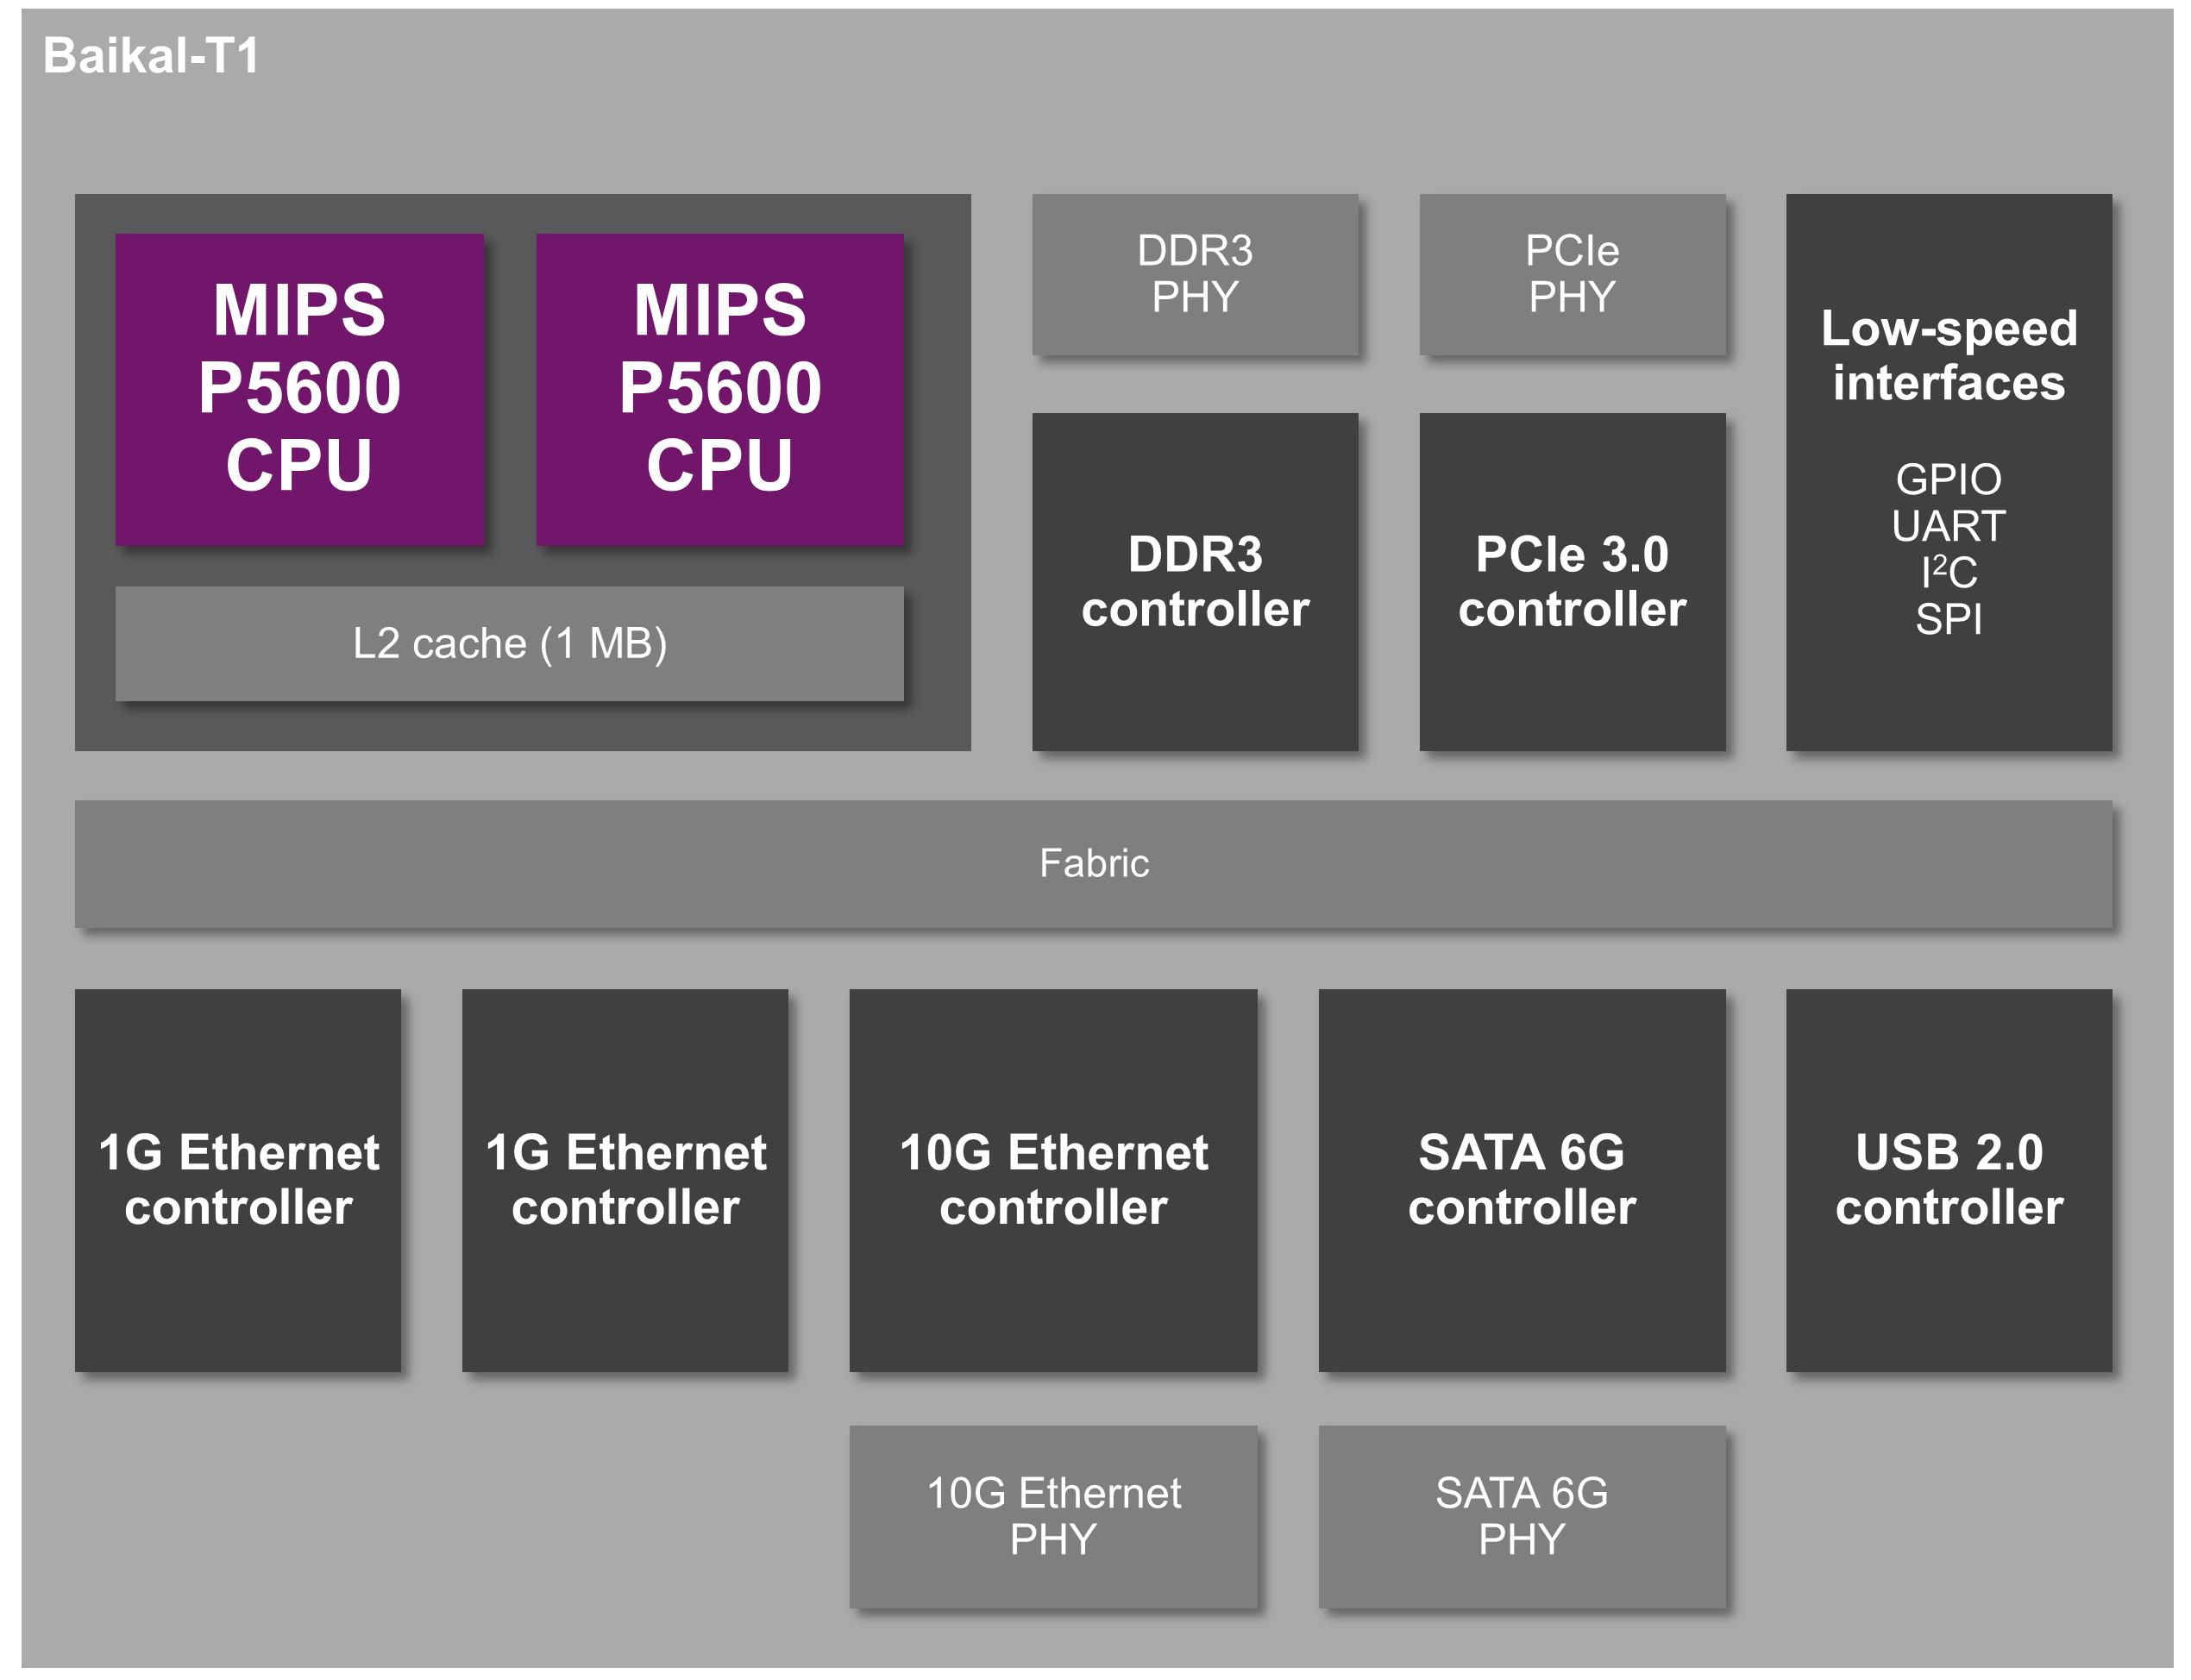 Baikal-T1-MIPS P5600